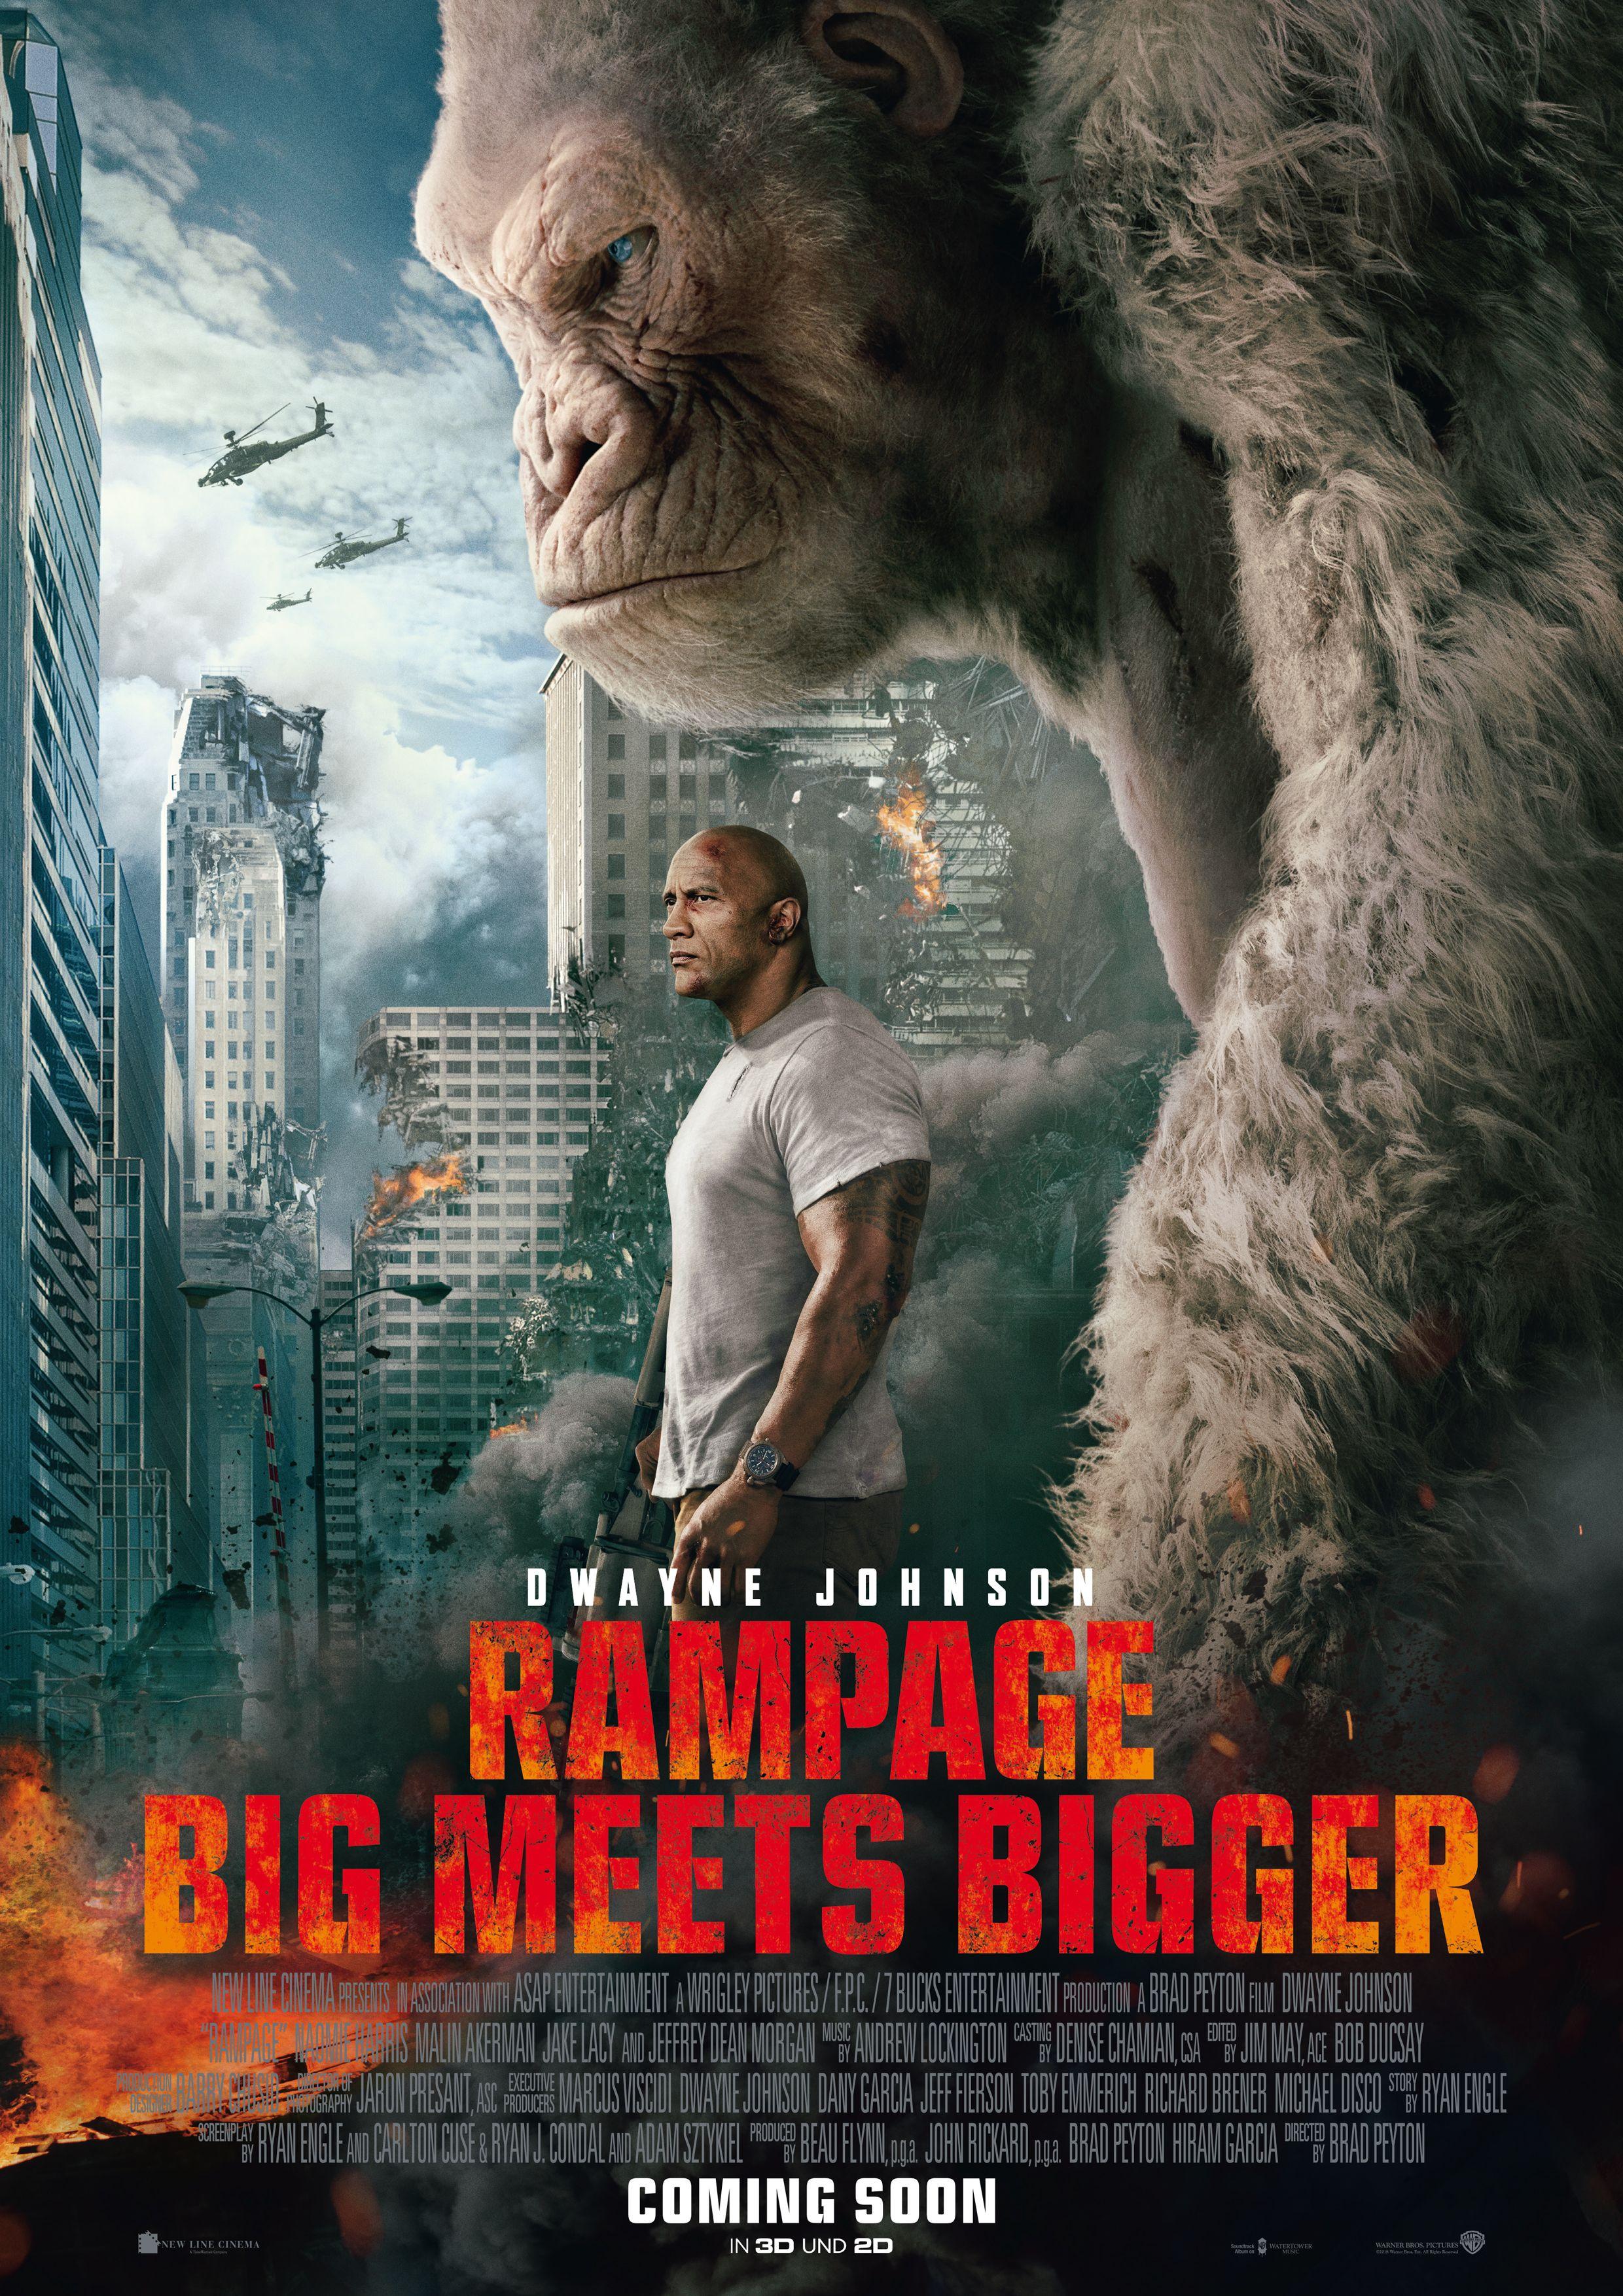 Rampage Big Meets Bigger Dvd Blu Ray Soundtrack Bucher Mit Preis Rampage Big Meets Bigger Trailer Auf Einen Blick Filmin Ganze Filme Kostenlos Kino